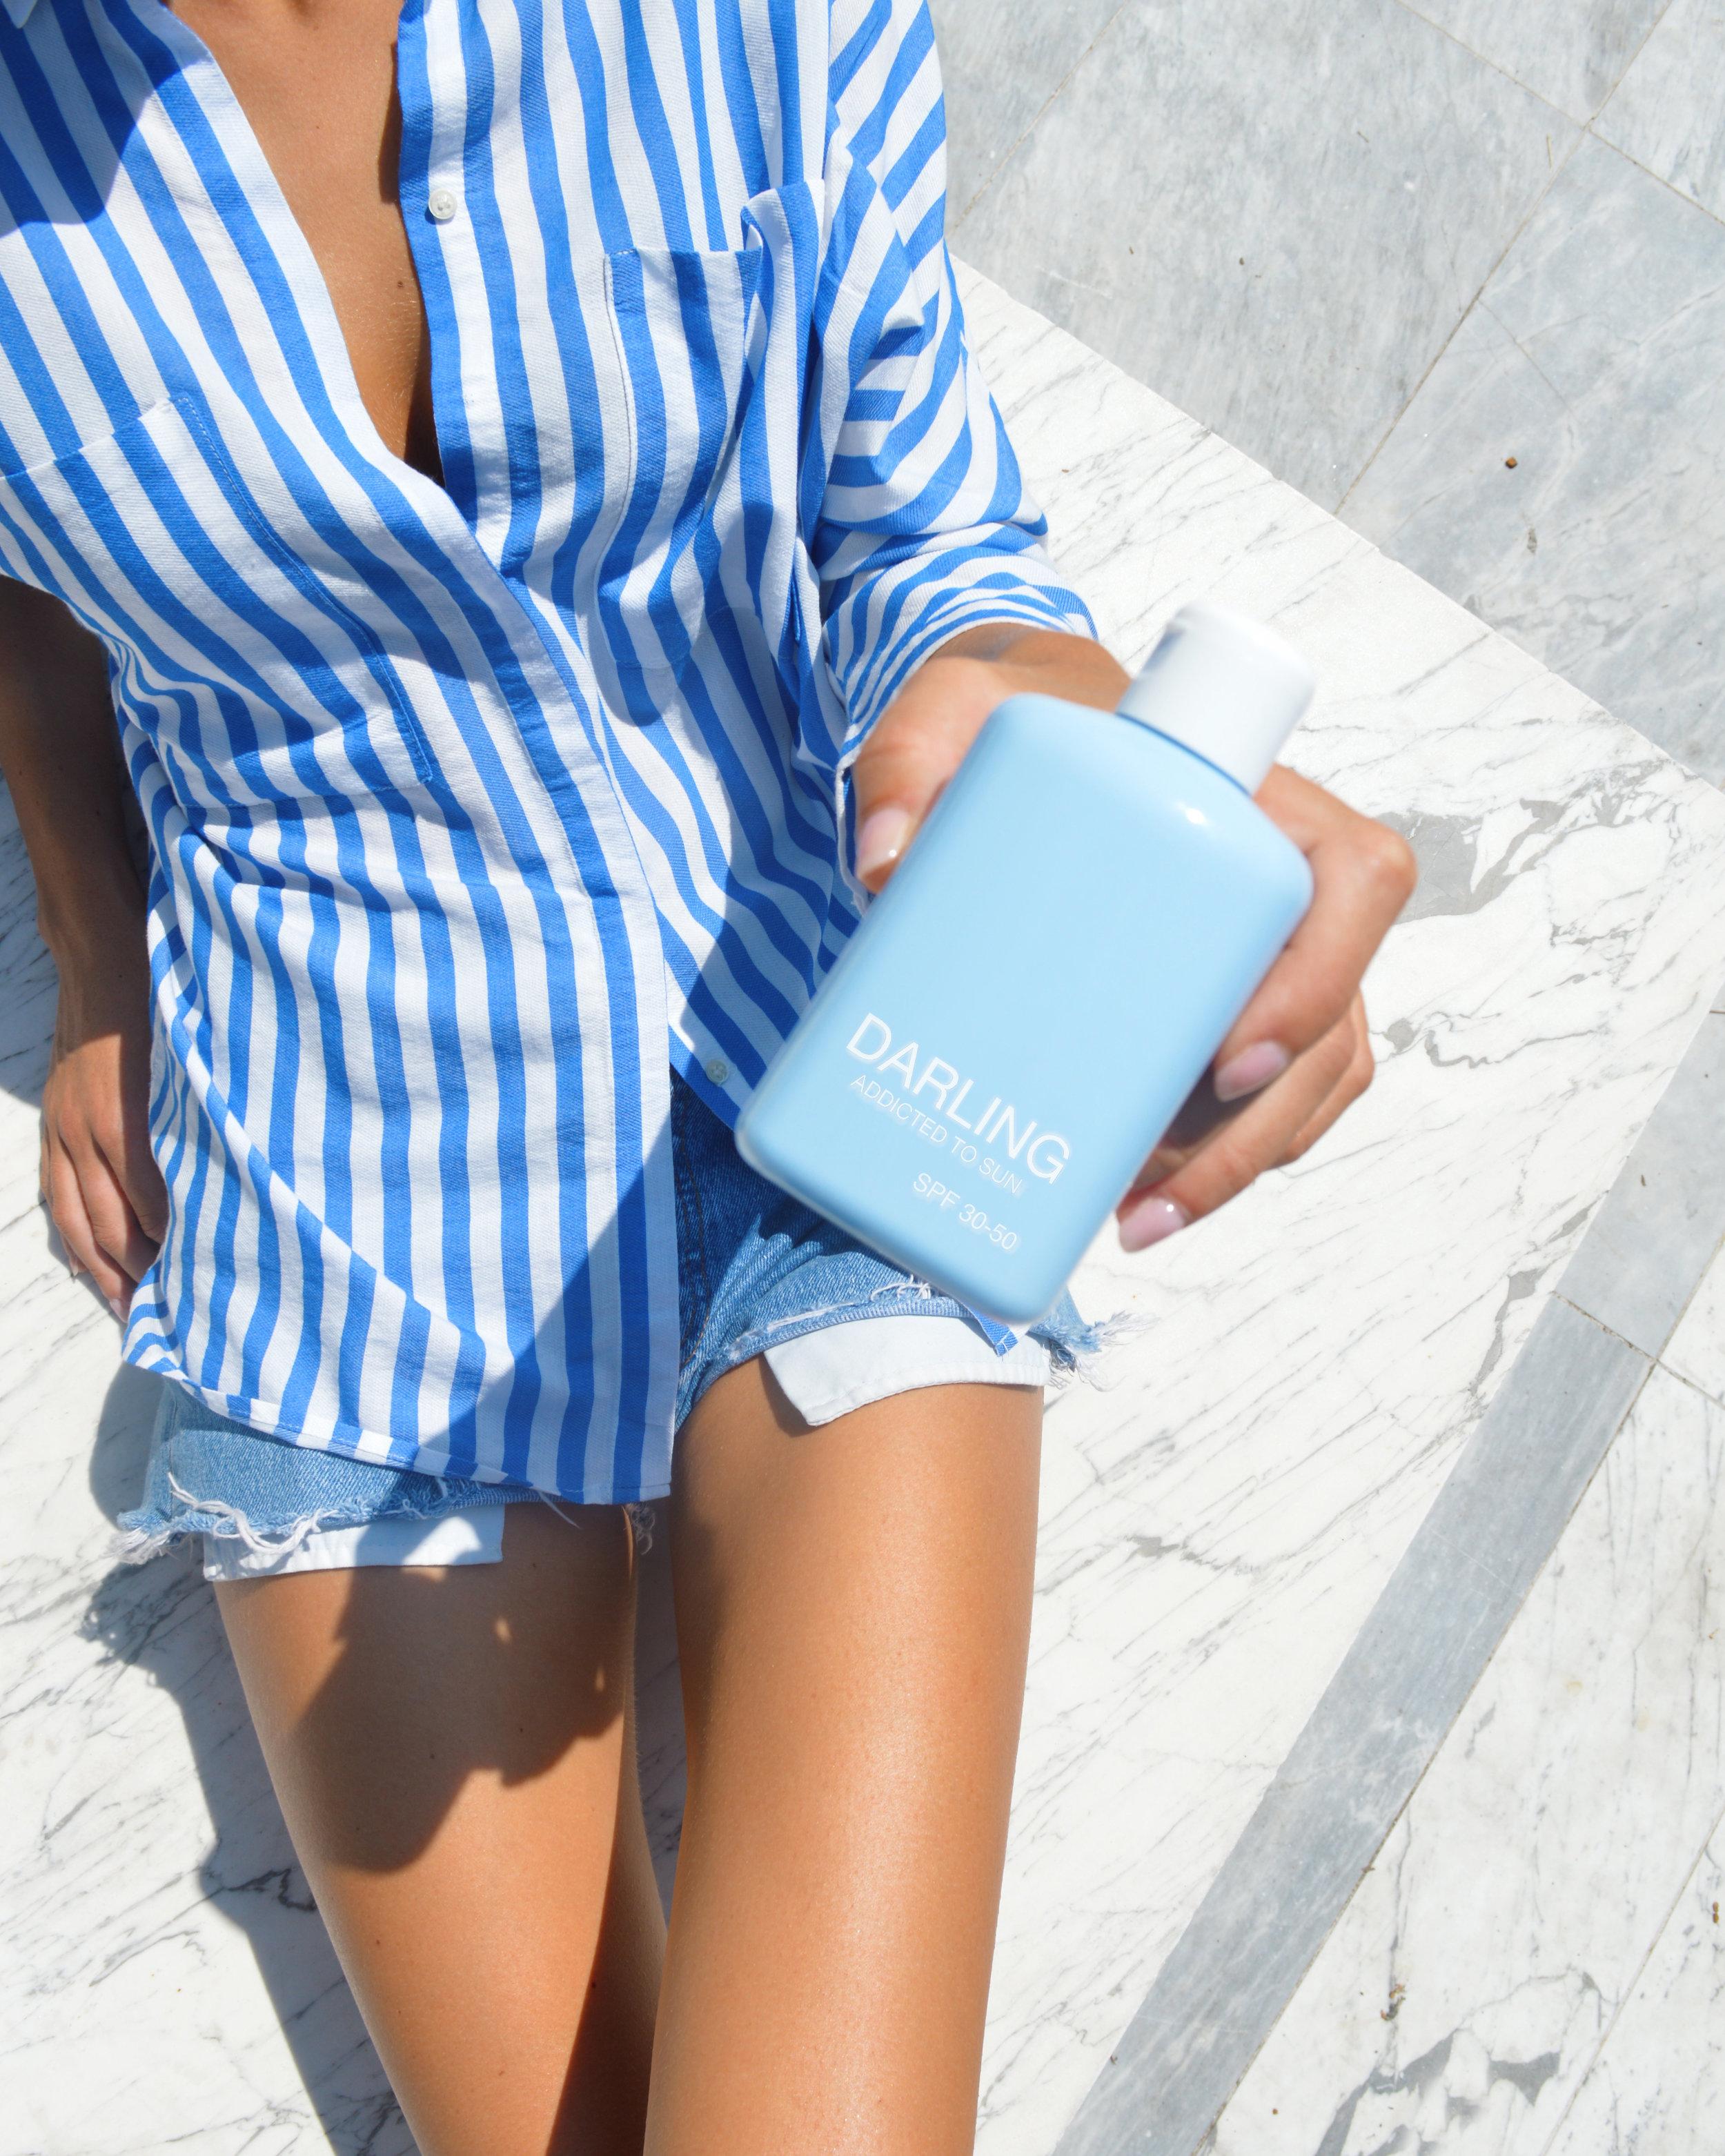 Safer Sun - Die neusten Sonnenschutz Tipps einer Expertin